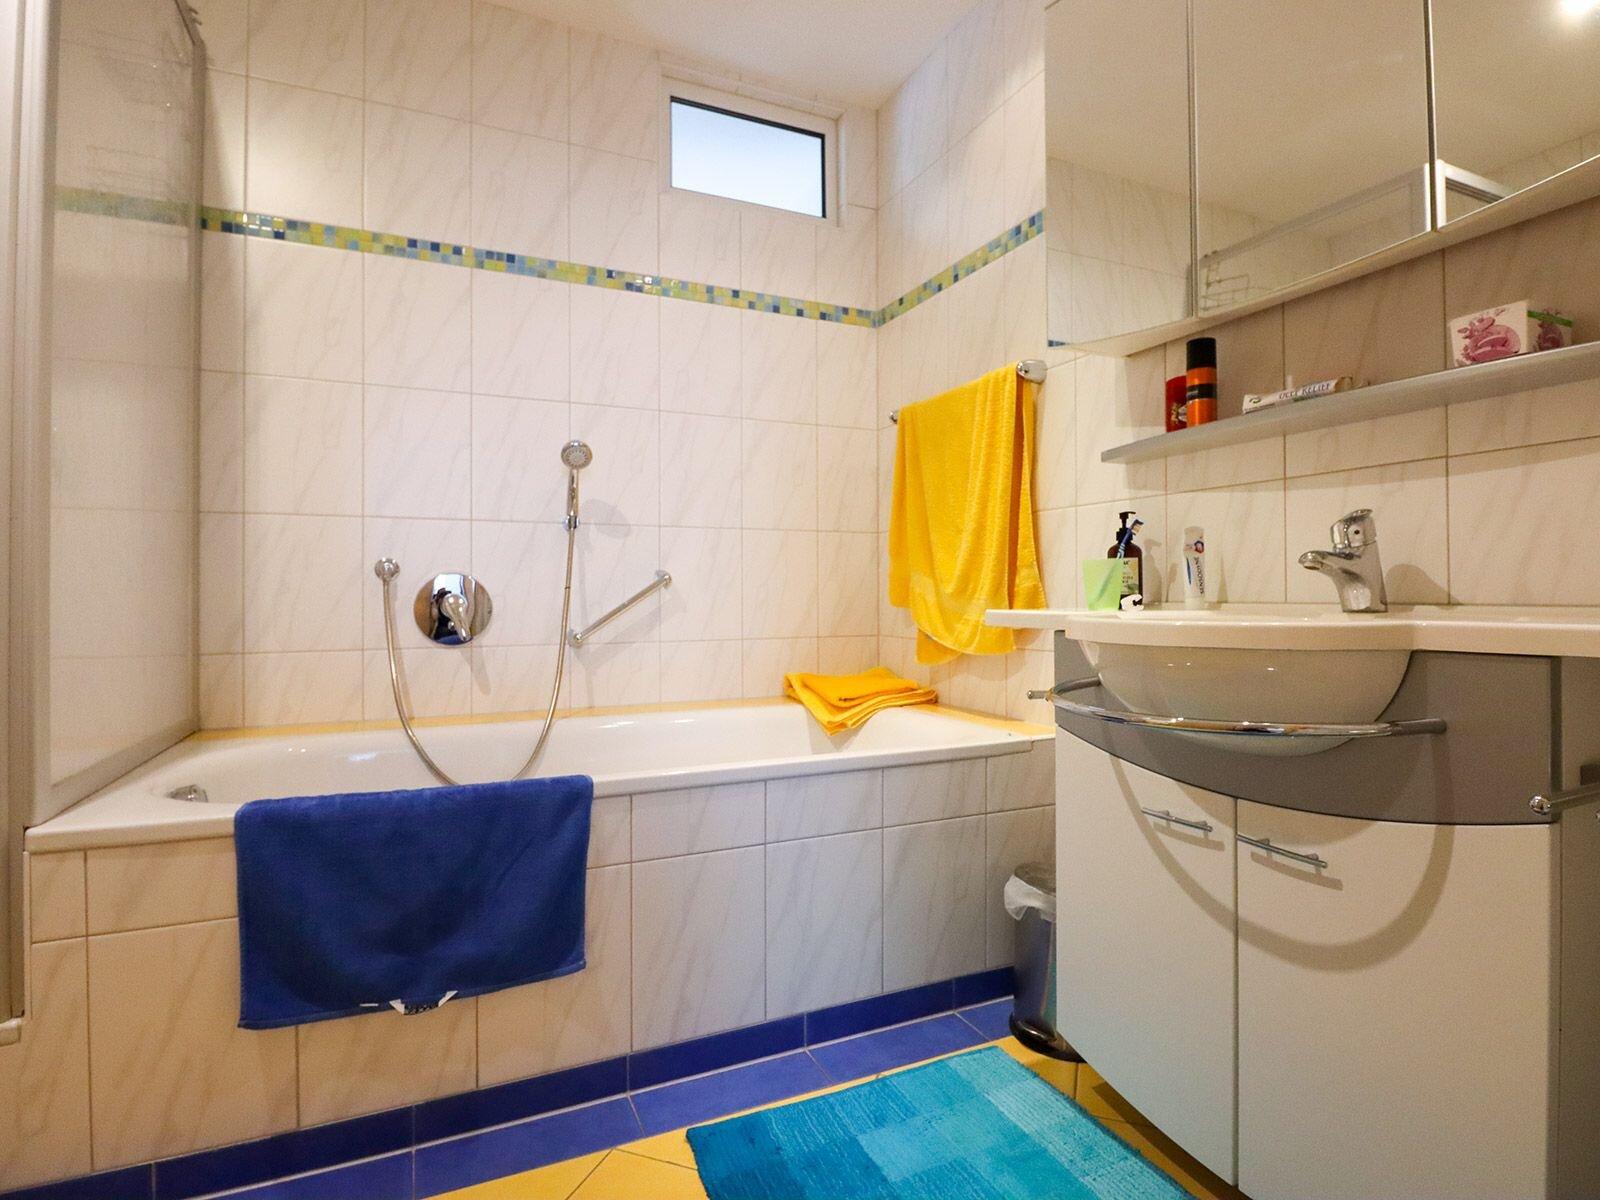 mod. Bad, mit Wanne, Dusche und Bidet